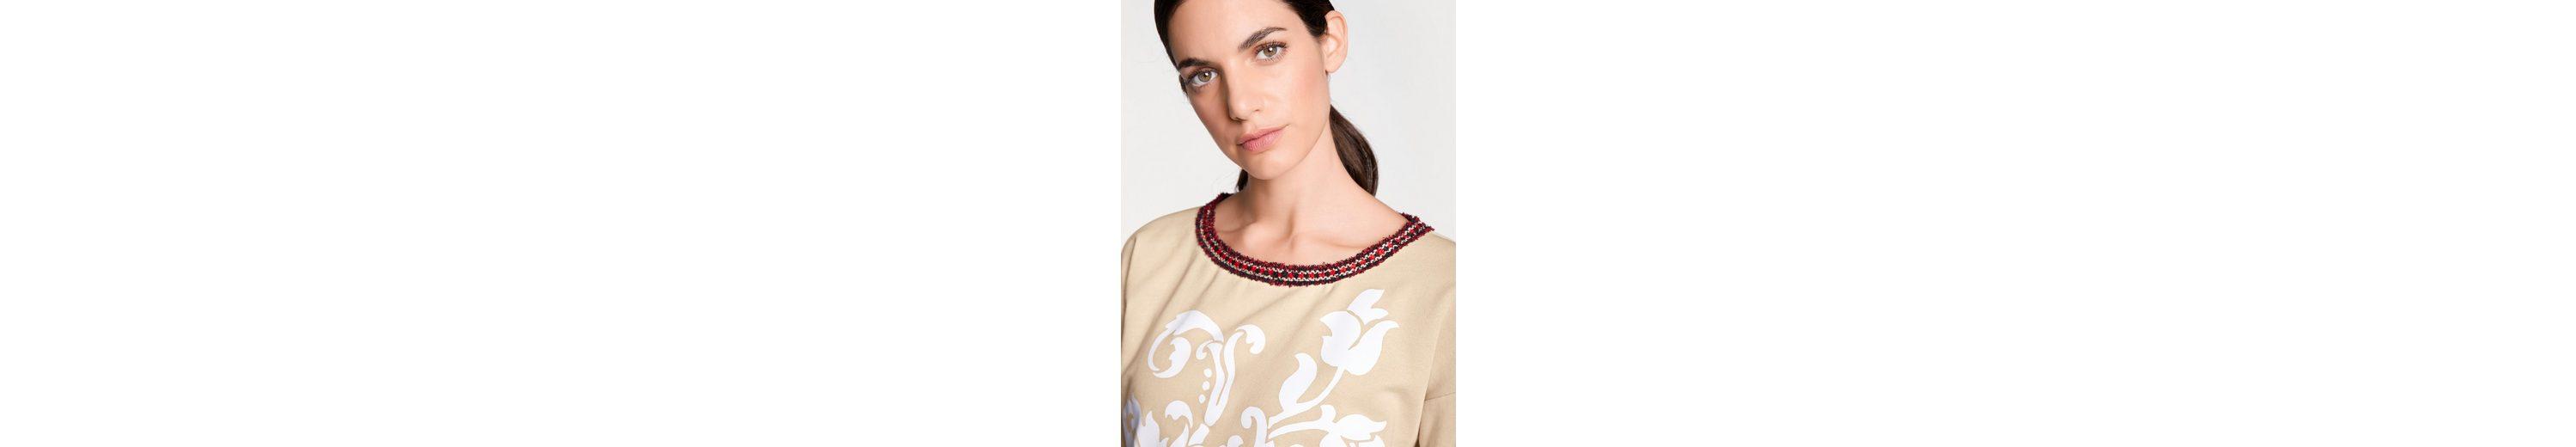 Kostenloser Versand Shop Bester Großhandelsverkauf Online RICK CARDONA by Heine Oversized-Shirt mit Frontdruck Bilder Im Internet BDDLxIi